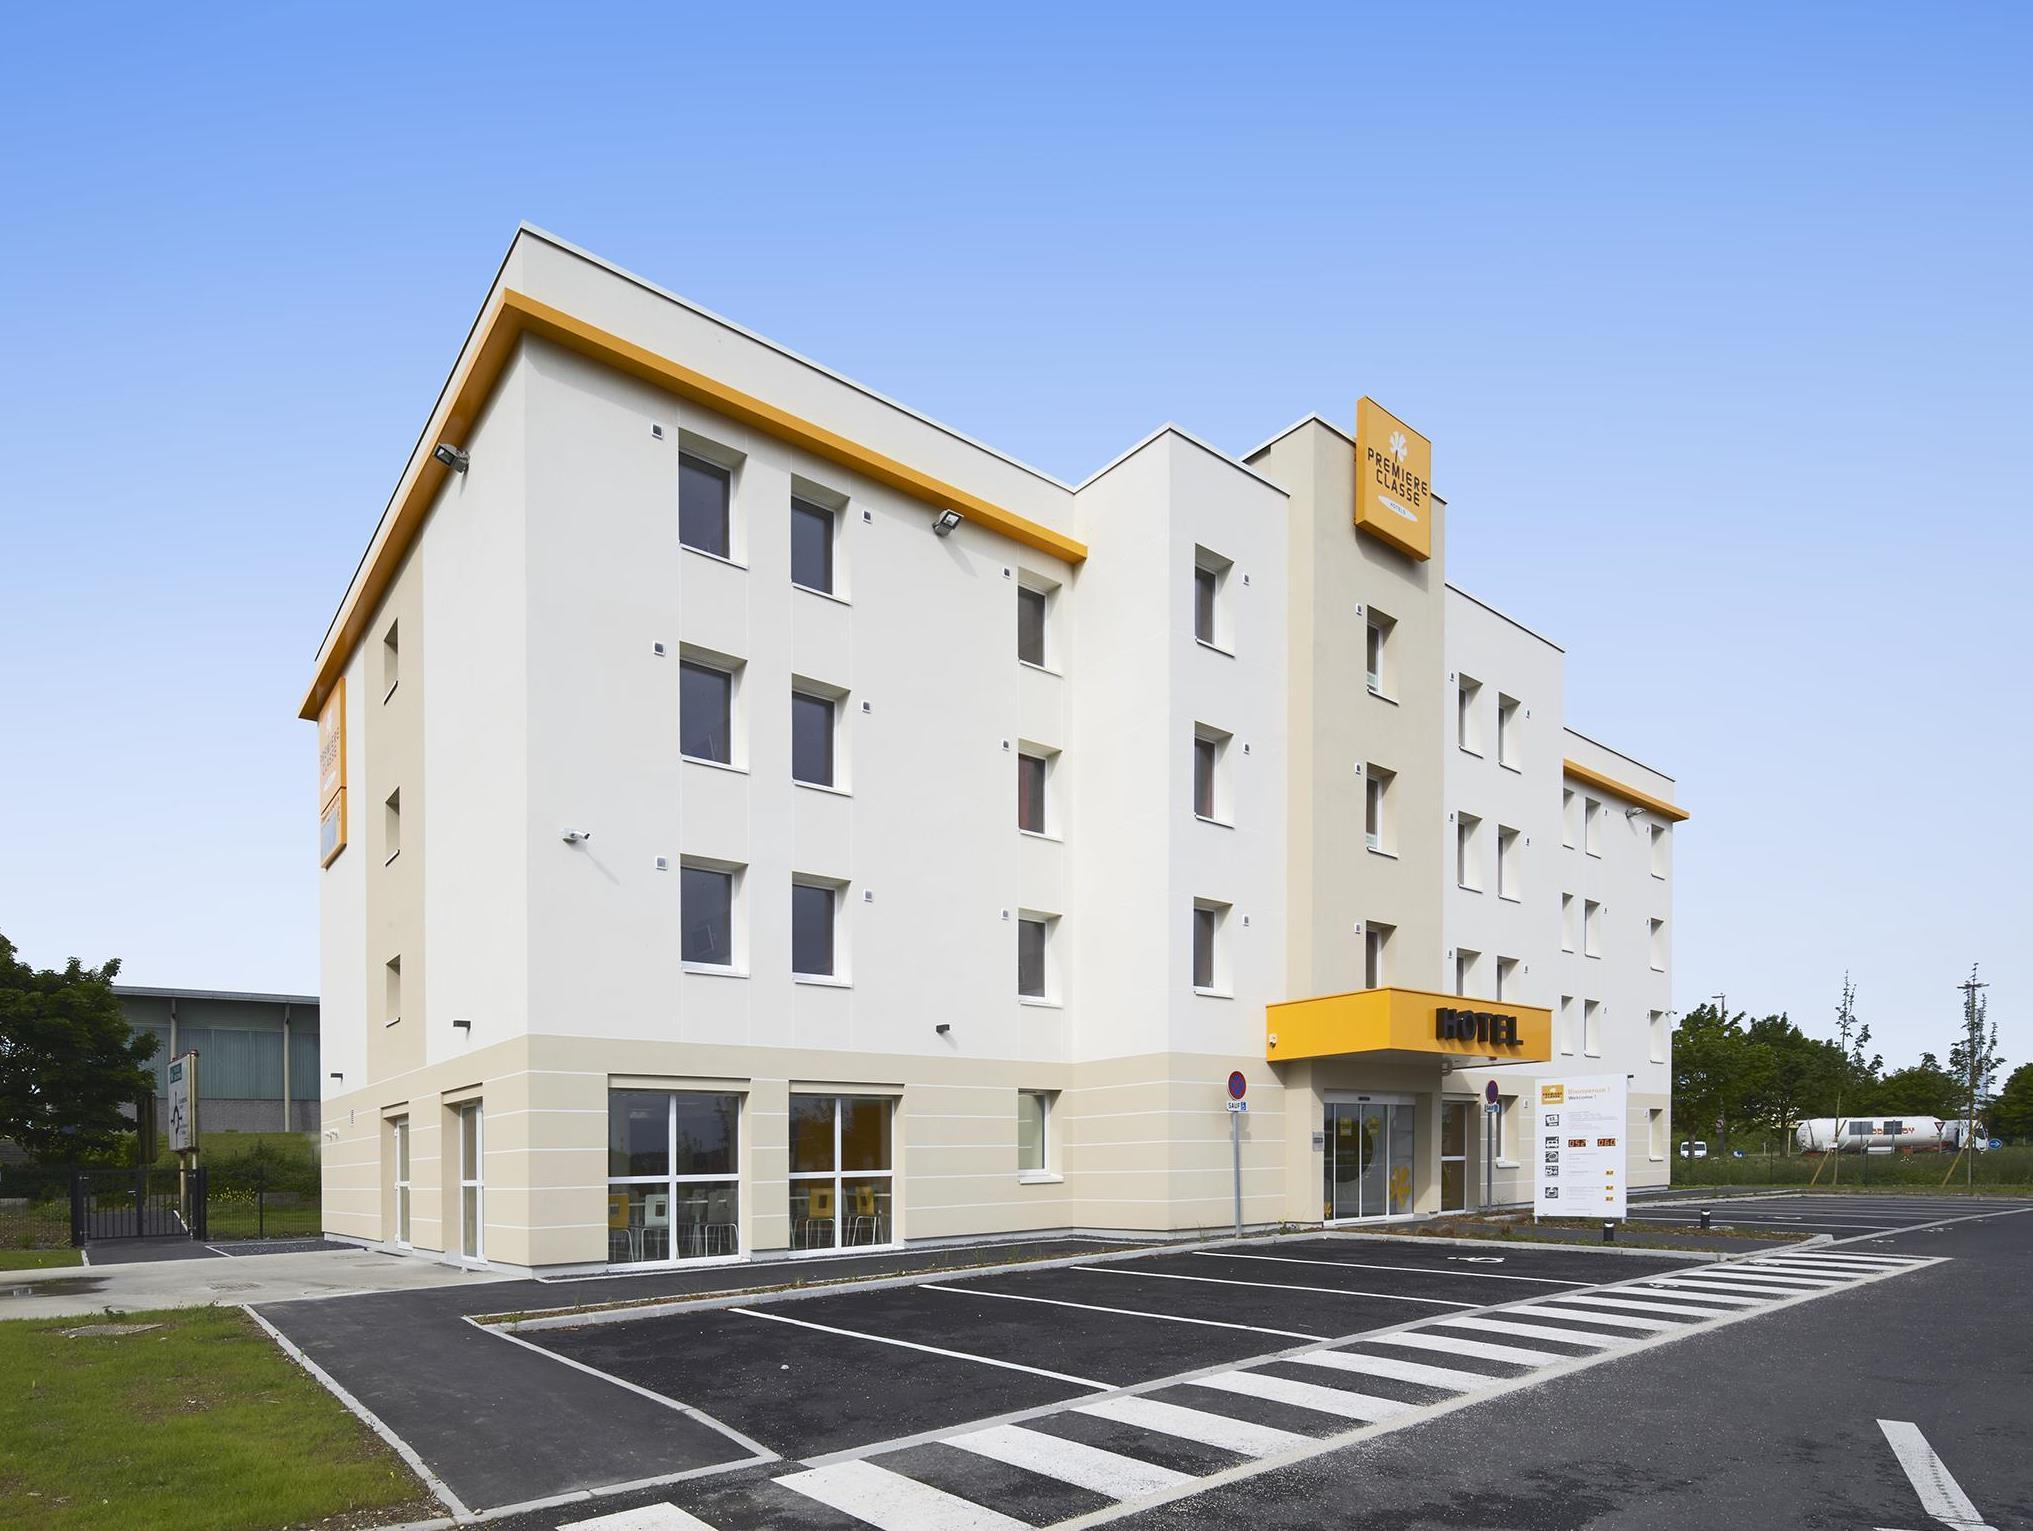 Premiere Classe Arras Saint Laurent Blangy Parc Expo Hotel